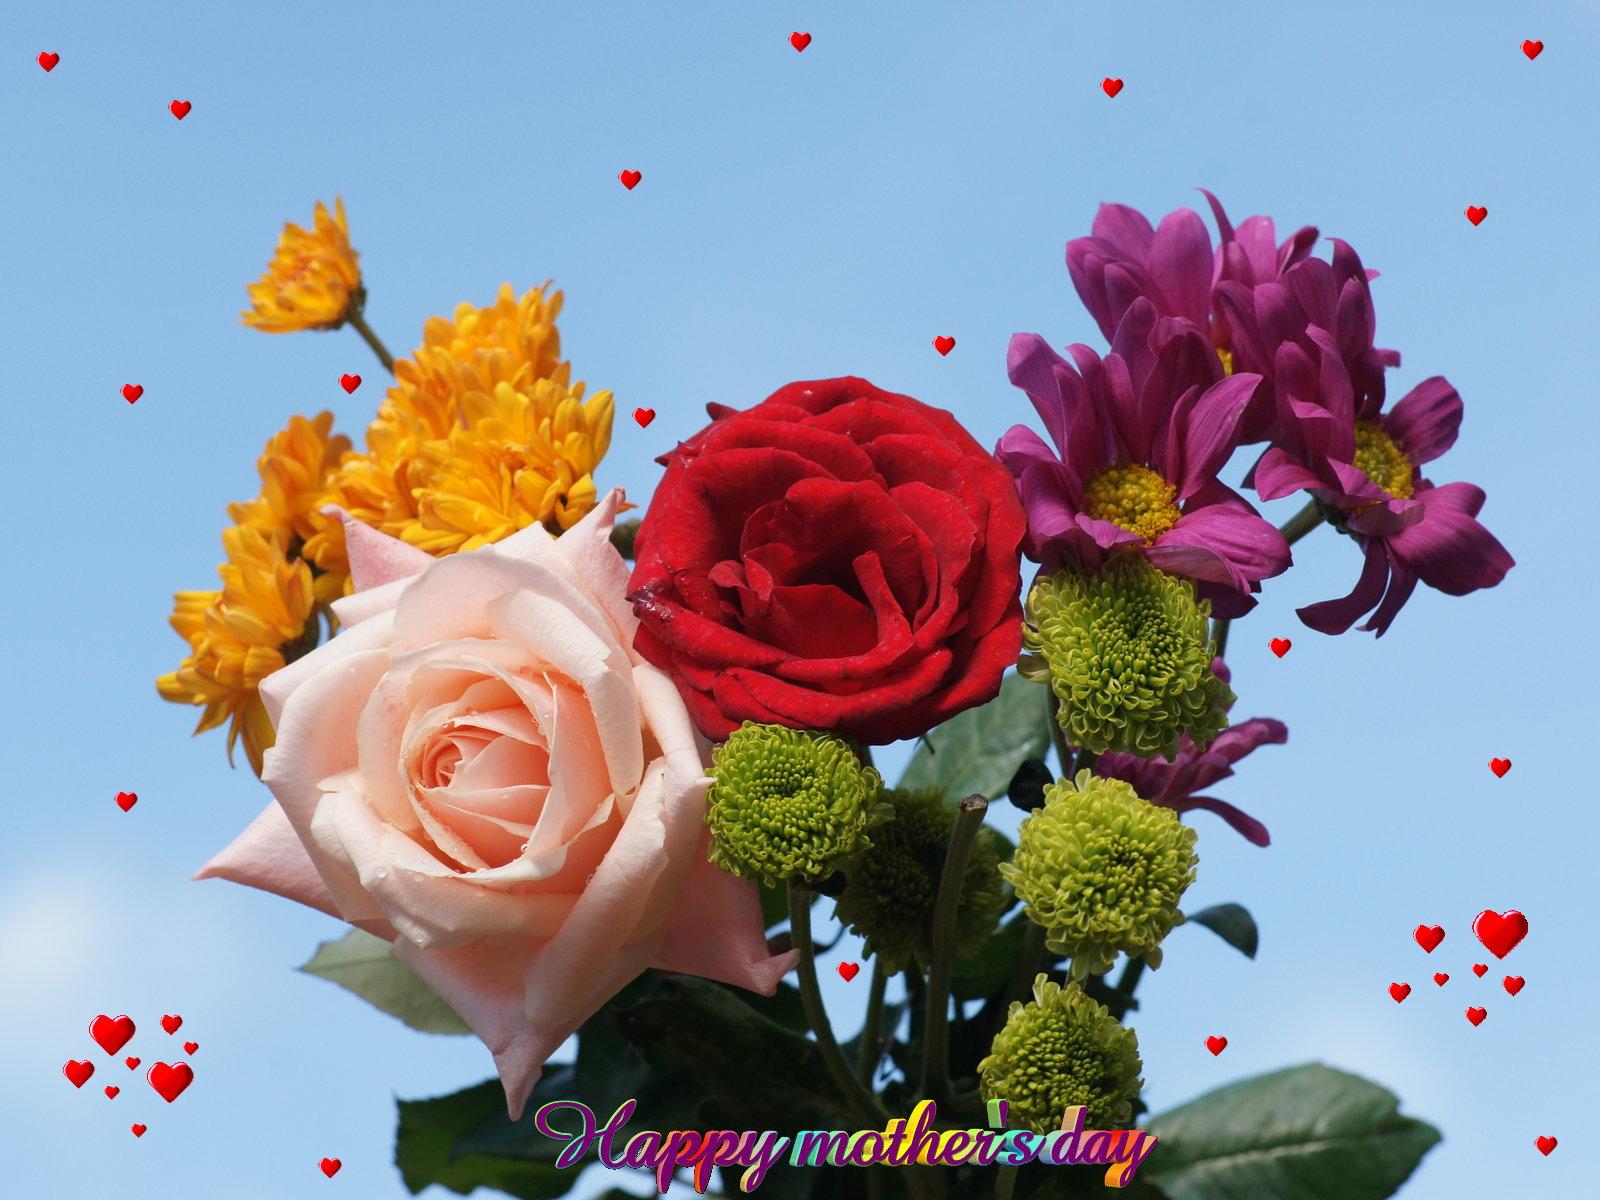 http://1.bp.blogspot.com/-iYfbxKYaHf4/TcZT4g8e7MI/AAAAAAAABSc/kj9zm_6h-OM/s1600/Mothers%2BDay%2BWallpapers%2Bby%2Bworld%2Bcurrent%2Bevents%2B%25285%2529.jpg